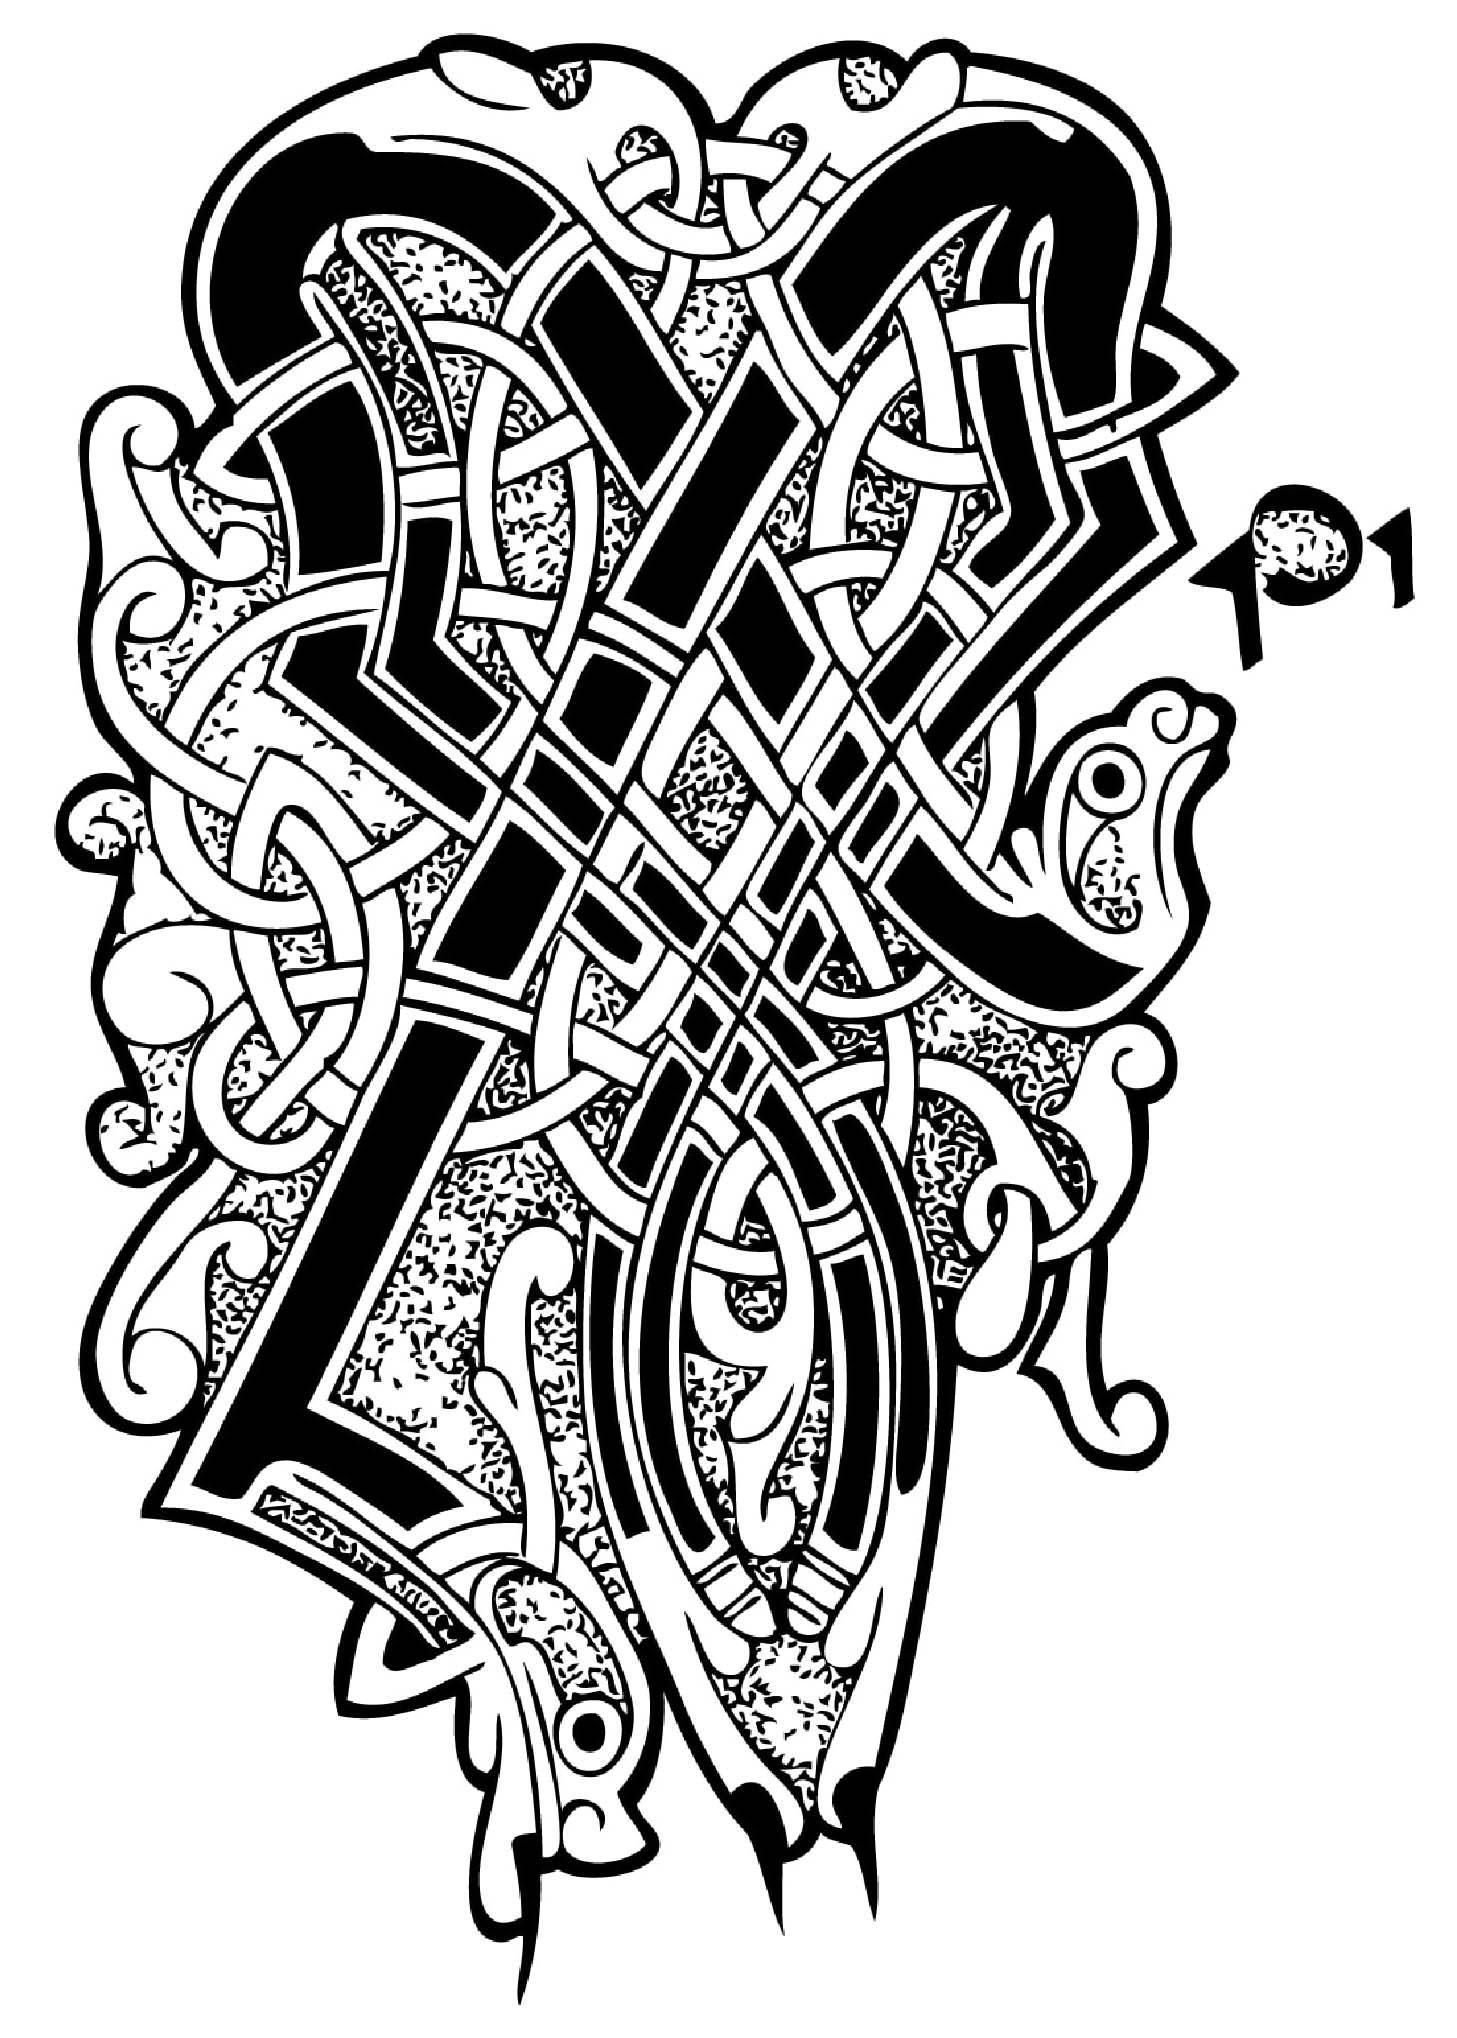 Dessin inspiré par l'Art Celtique